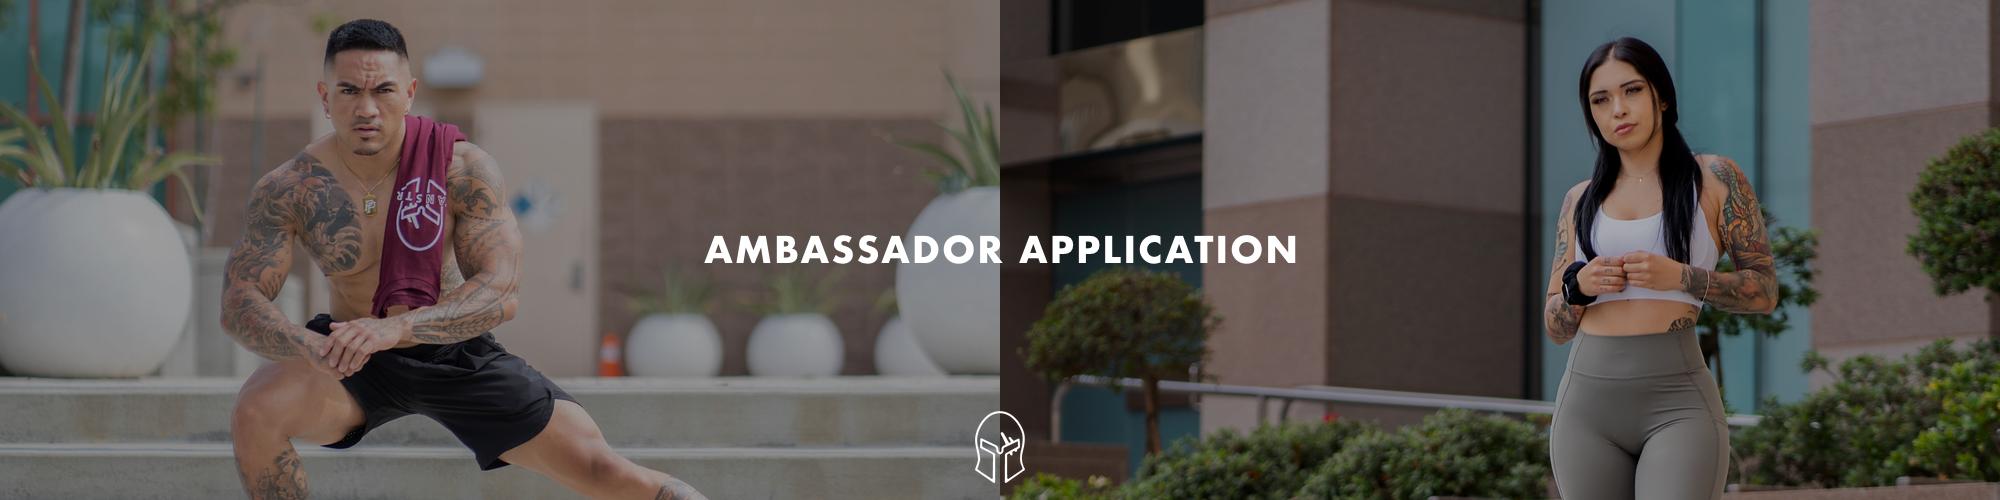 Titan Ambassador Application